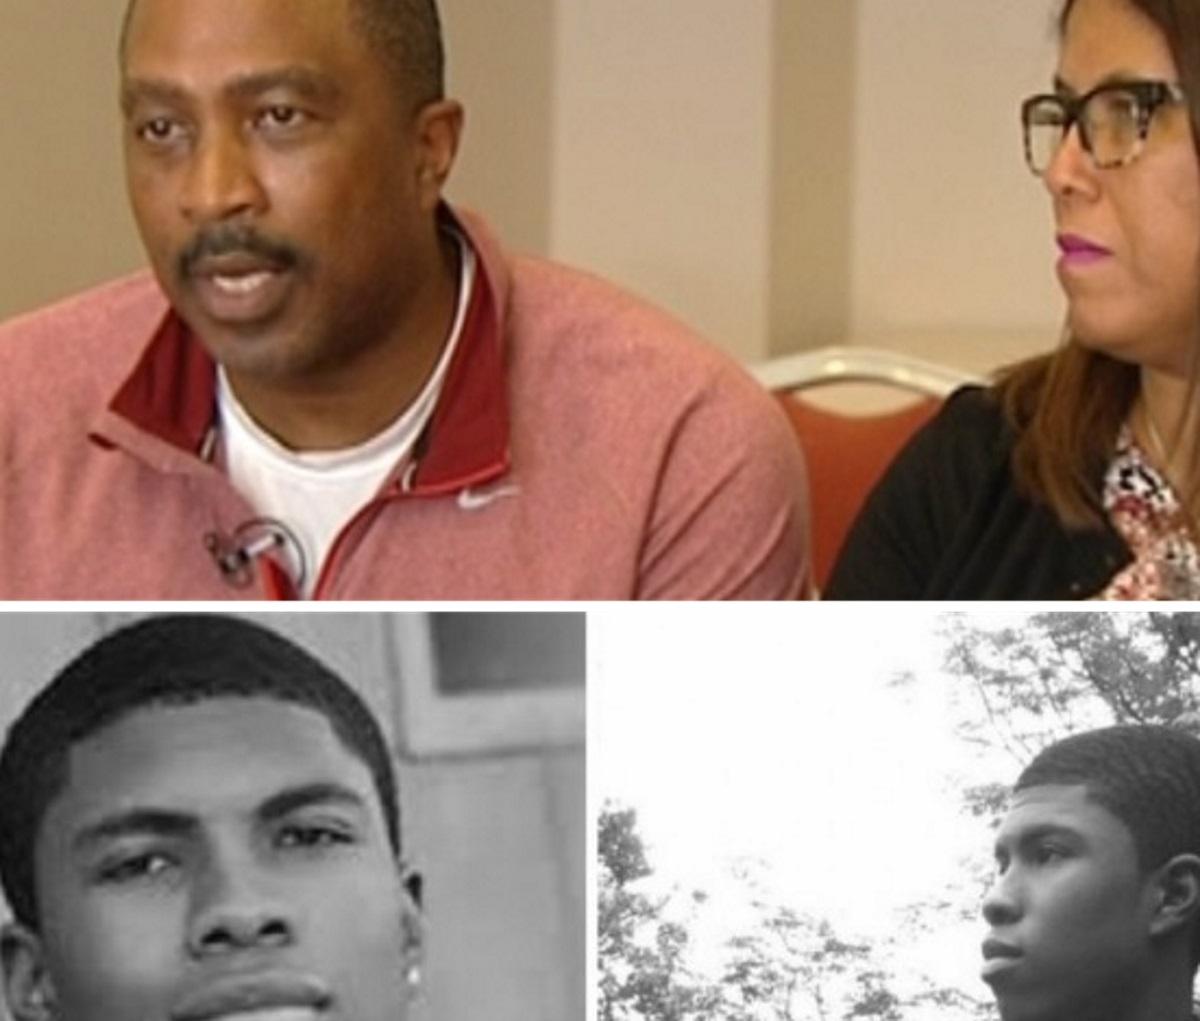 """""""Τον έπιασαν και τον χτύπησαν μέχρι θανάτου"""" - Συγκλονίζουν οι γονείς του 23χρονου Μπακαρί που δολοφονήθηκε στη Ζάκυνθο"""